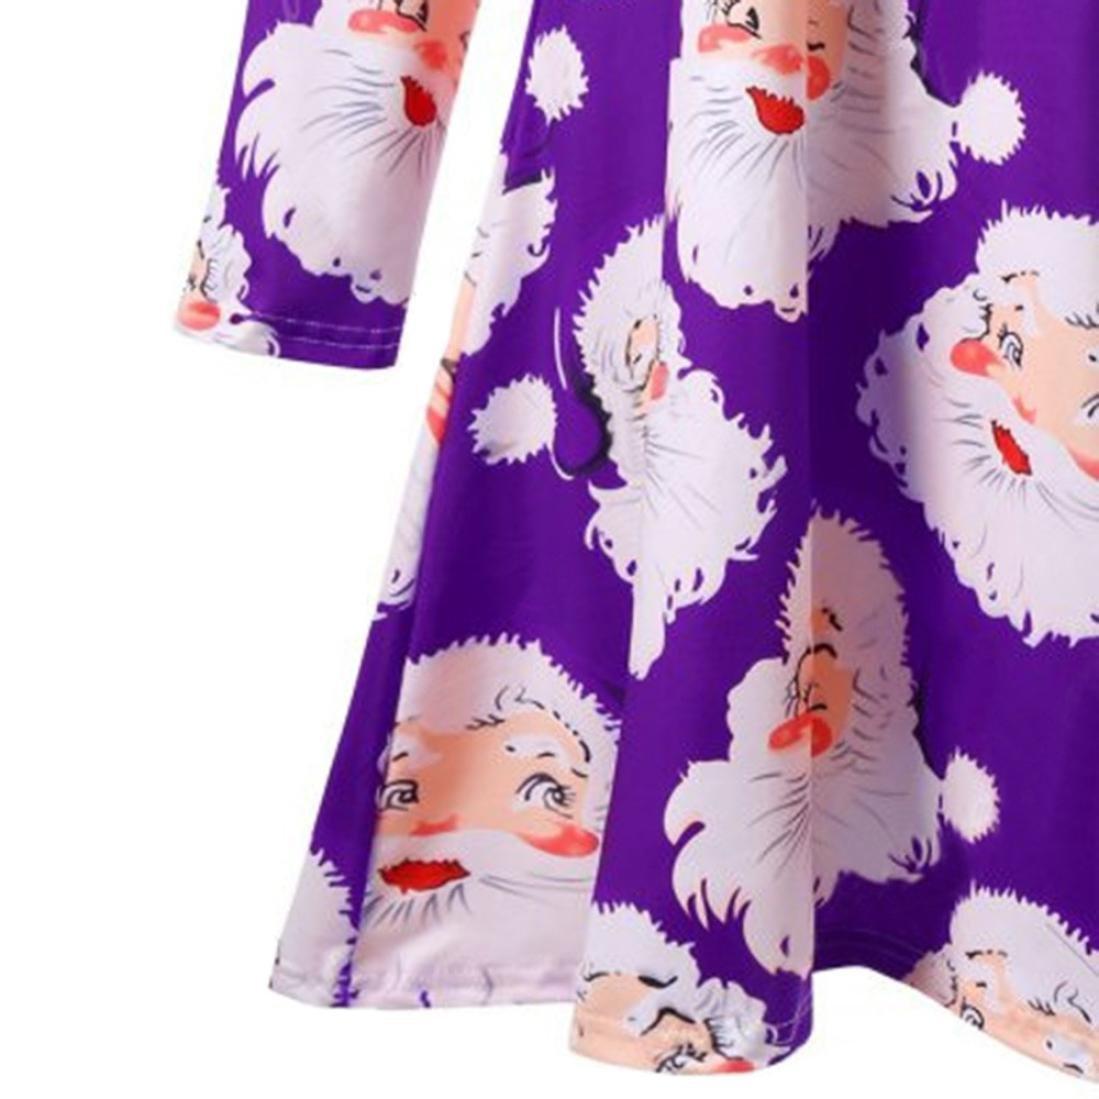 b30bbdcfc298 Kleid Damen Minikleid, Weihnachten Sankt Drucken Kleider Weihnachtskleid  Christmas Frauen Lange Ärmel Winter RundhalsKleider Bluse